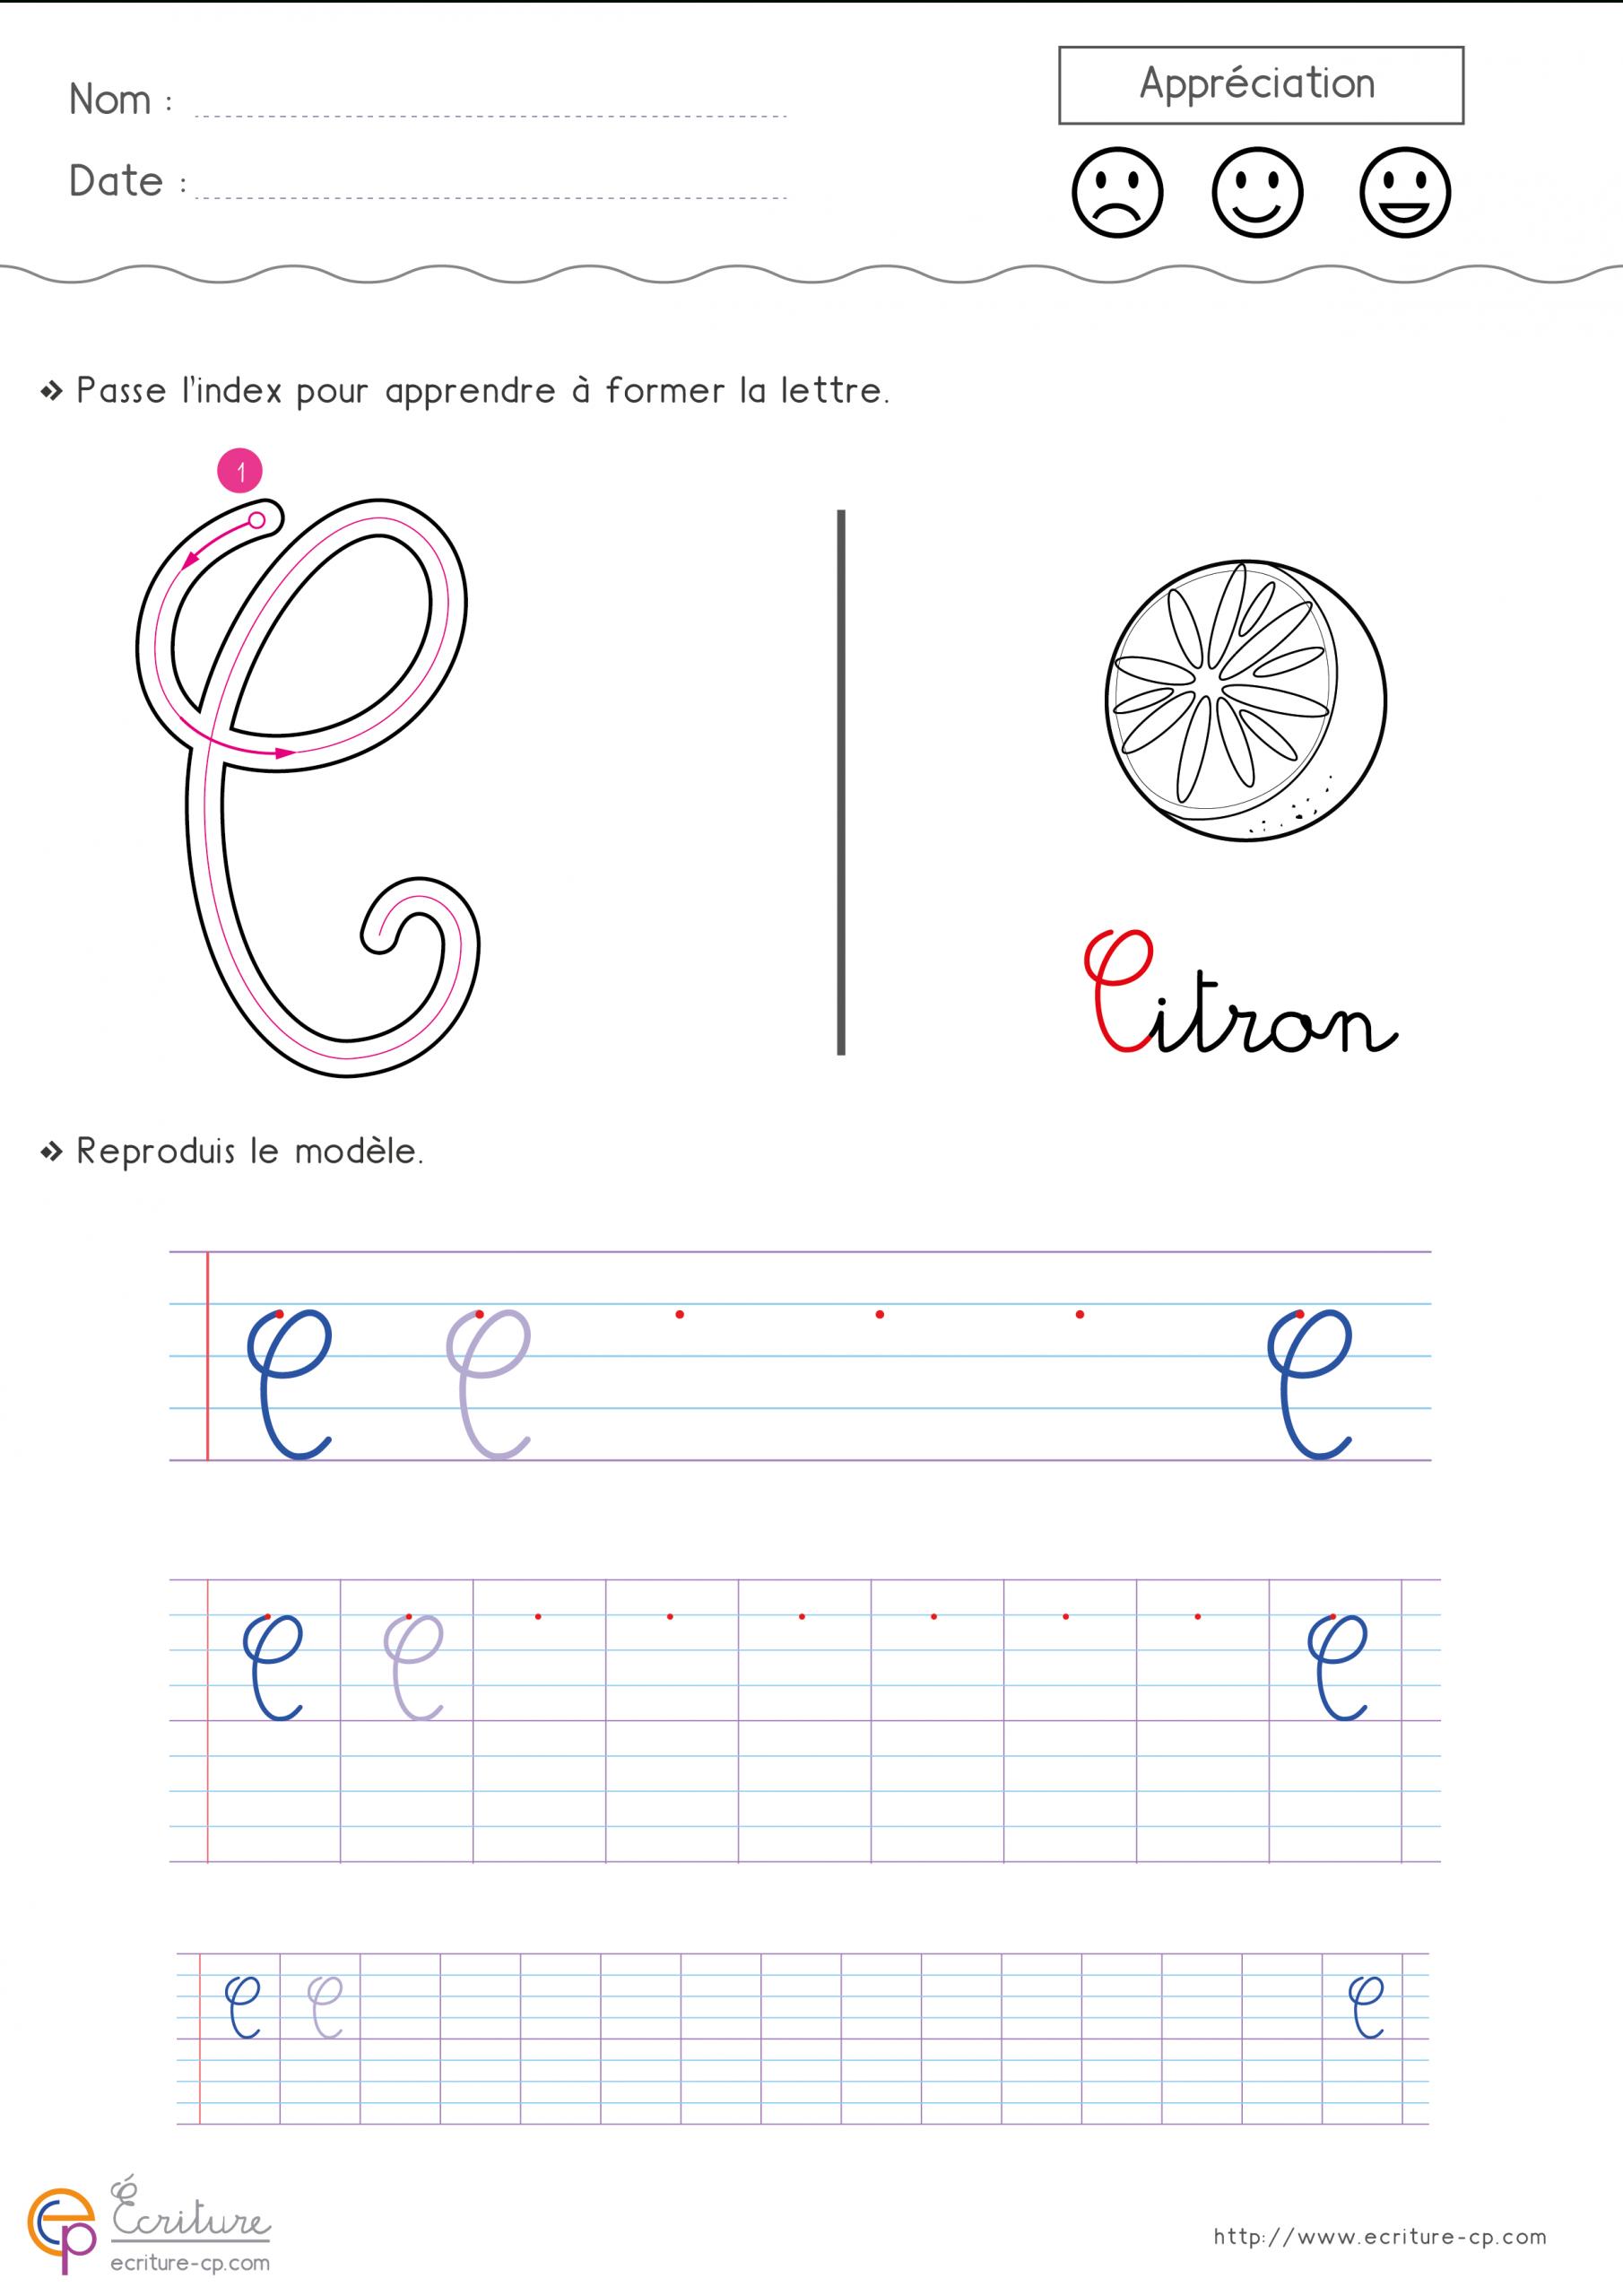 Écrire La Lettre C Minuscule Et Majuscule Cursive Cp Ce1 pour Apprendre À Écrire Les Lettres Maternelle